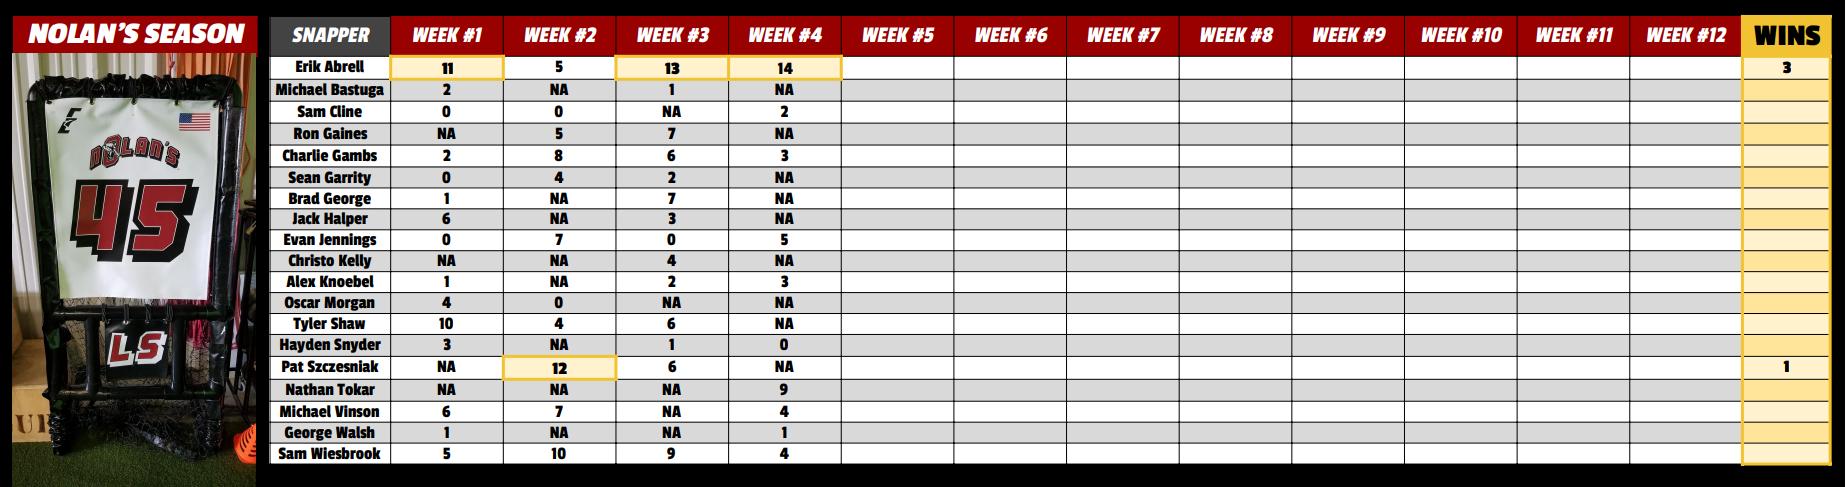 Nolan's Season Leaderboard Week 4.PNG